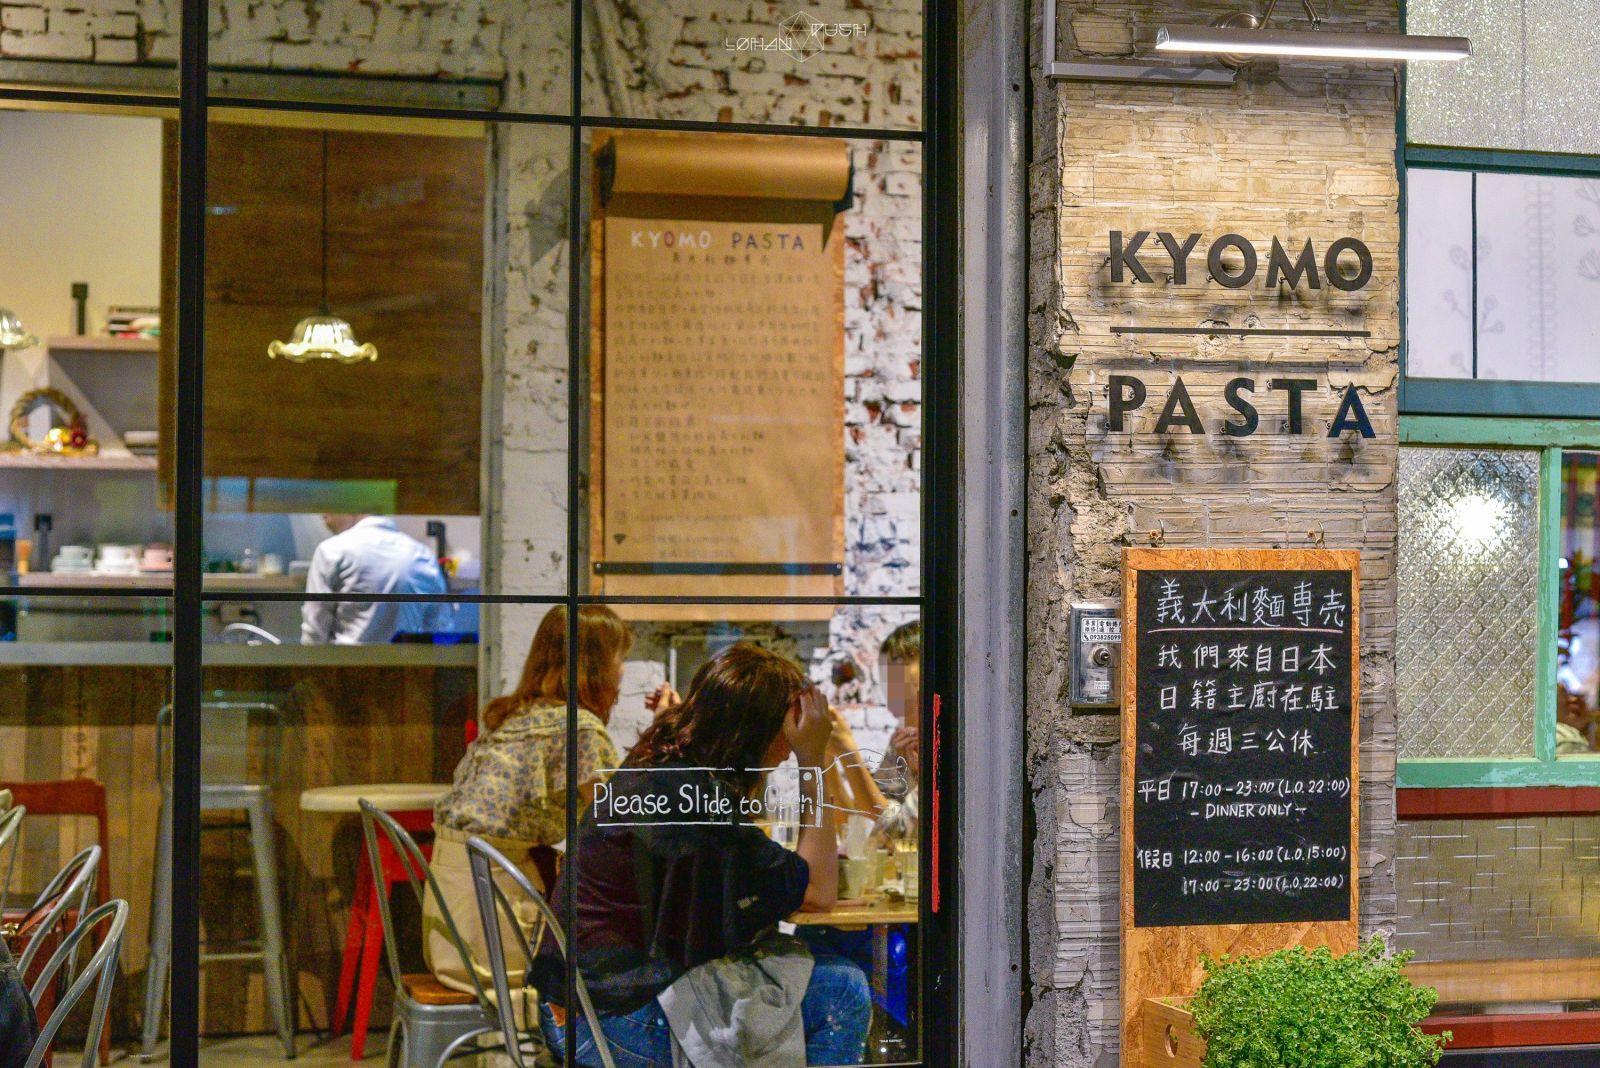 KYOMO PASTA